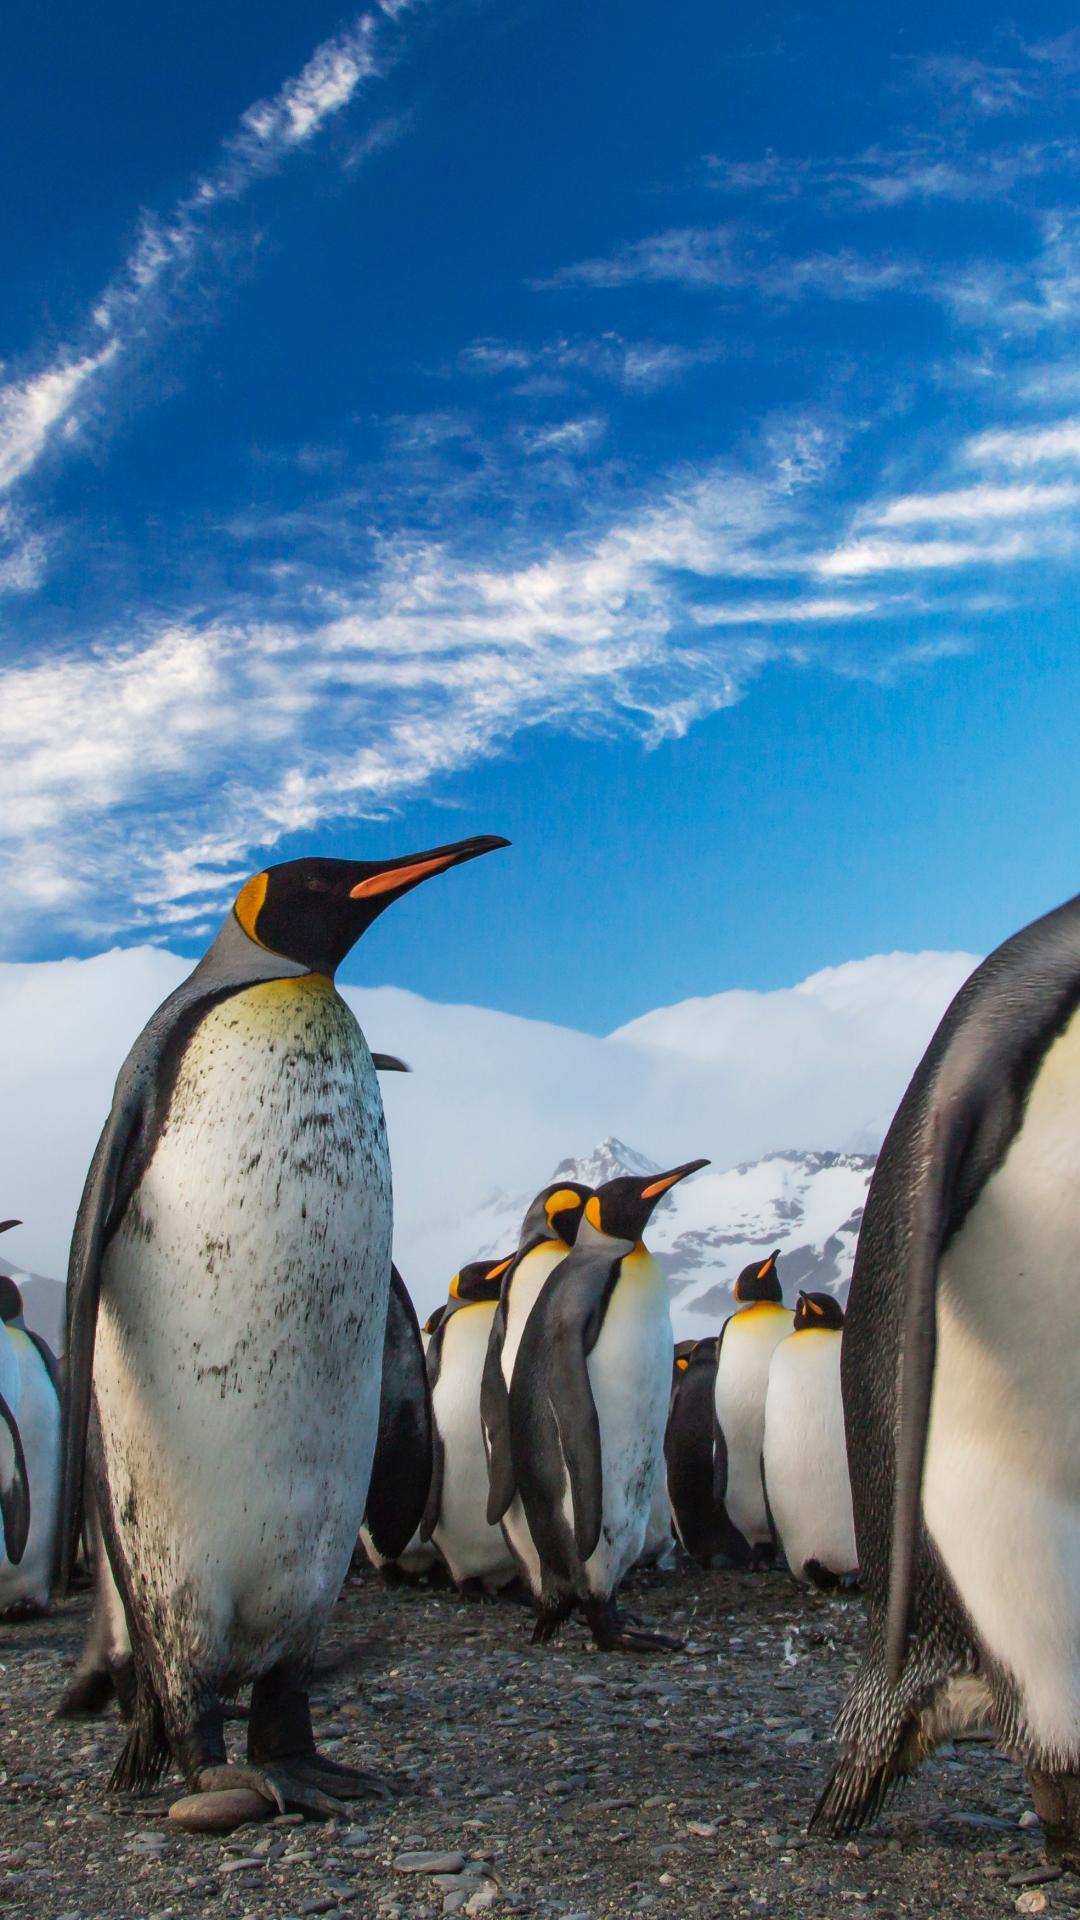 ペンギン王行列iphone 8 Plus动物壁紙 1080 X 1920 Iphoneチーズ